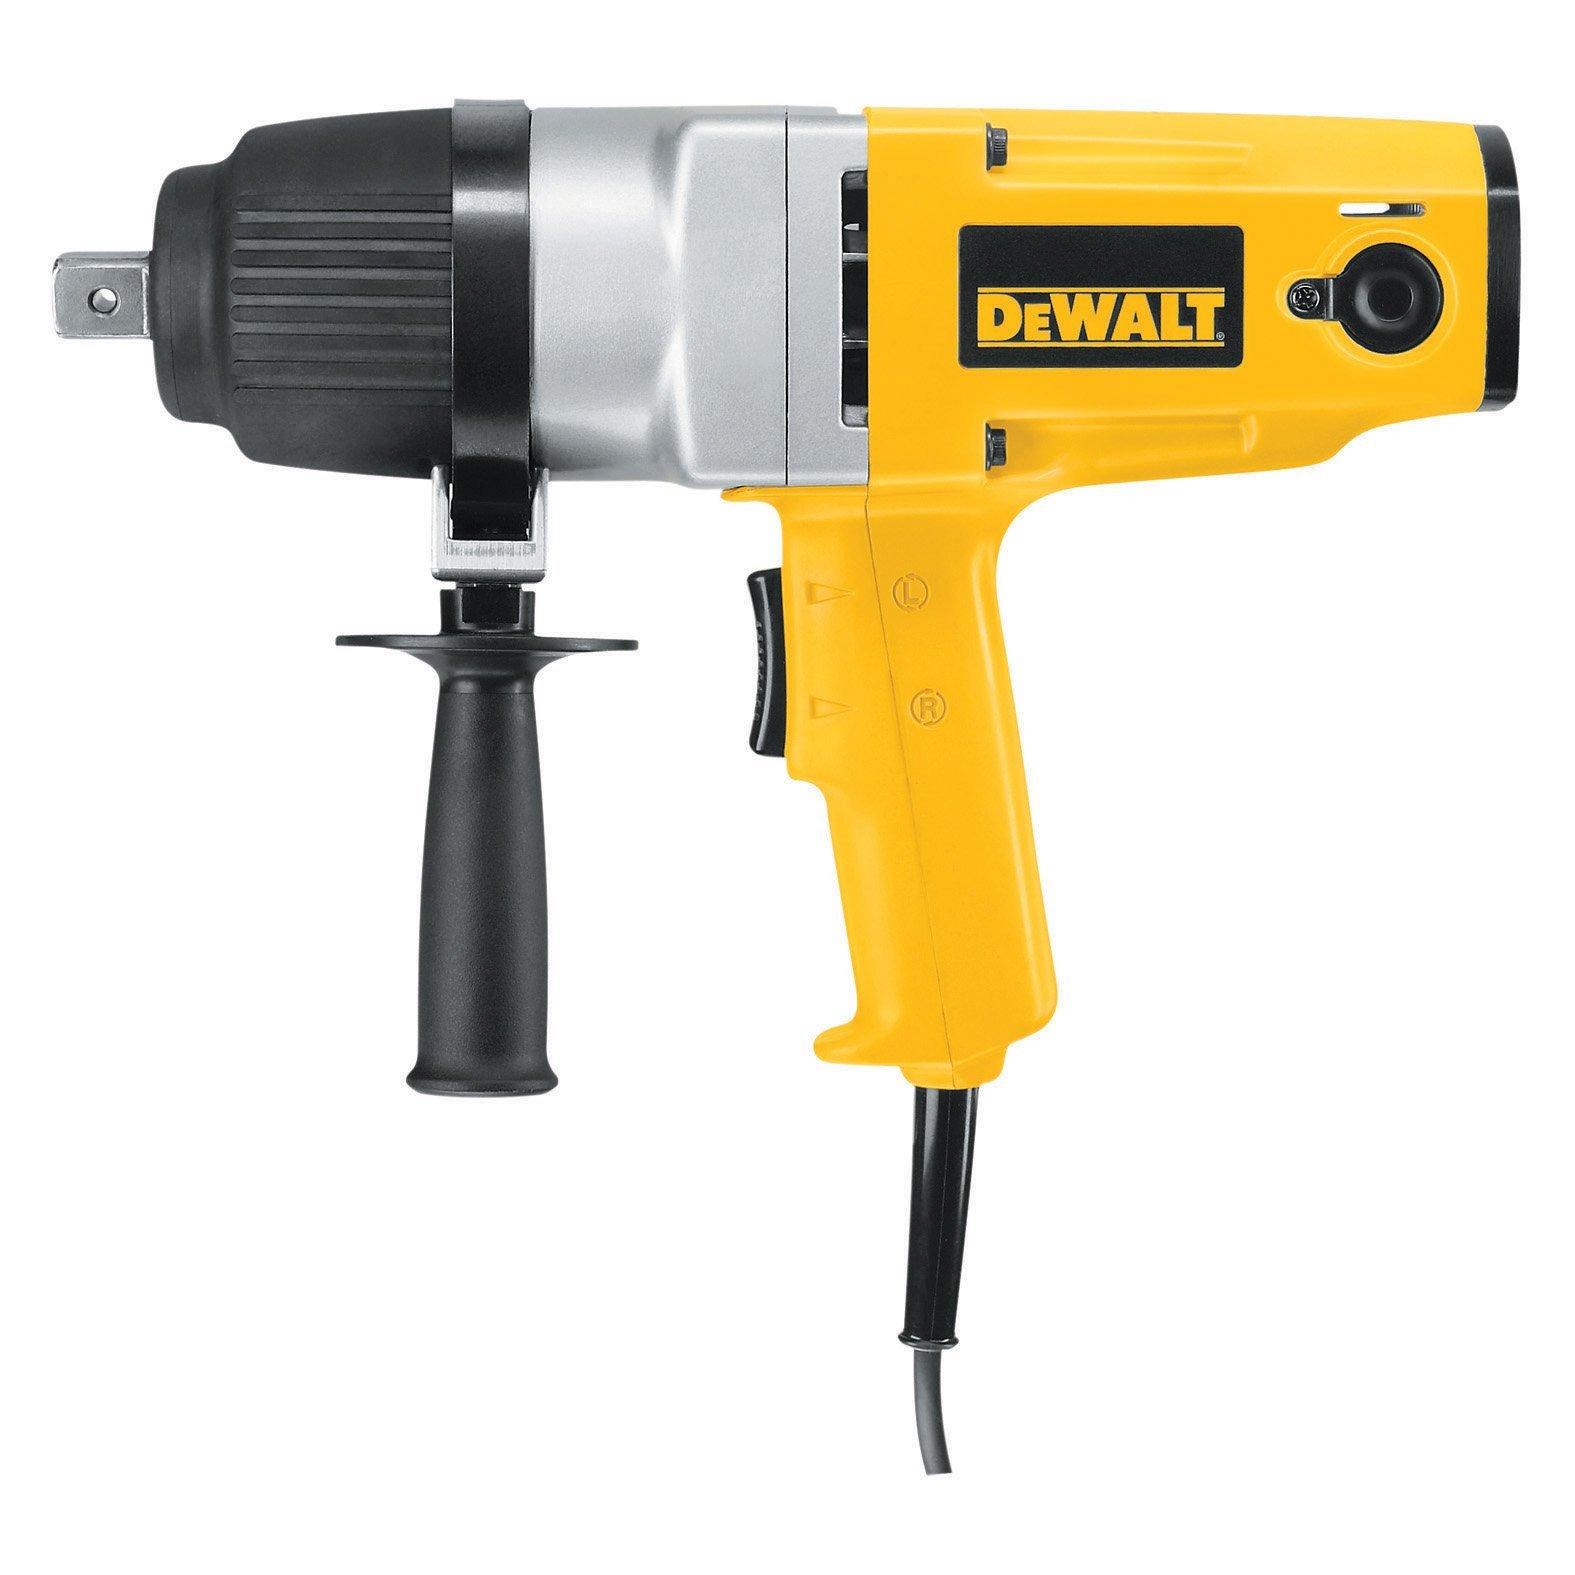 DEWALT DW297 3/4-Inch Impact Wrench (Renewed)